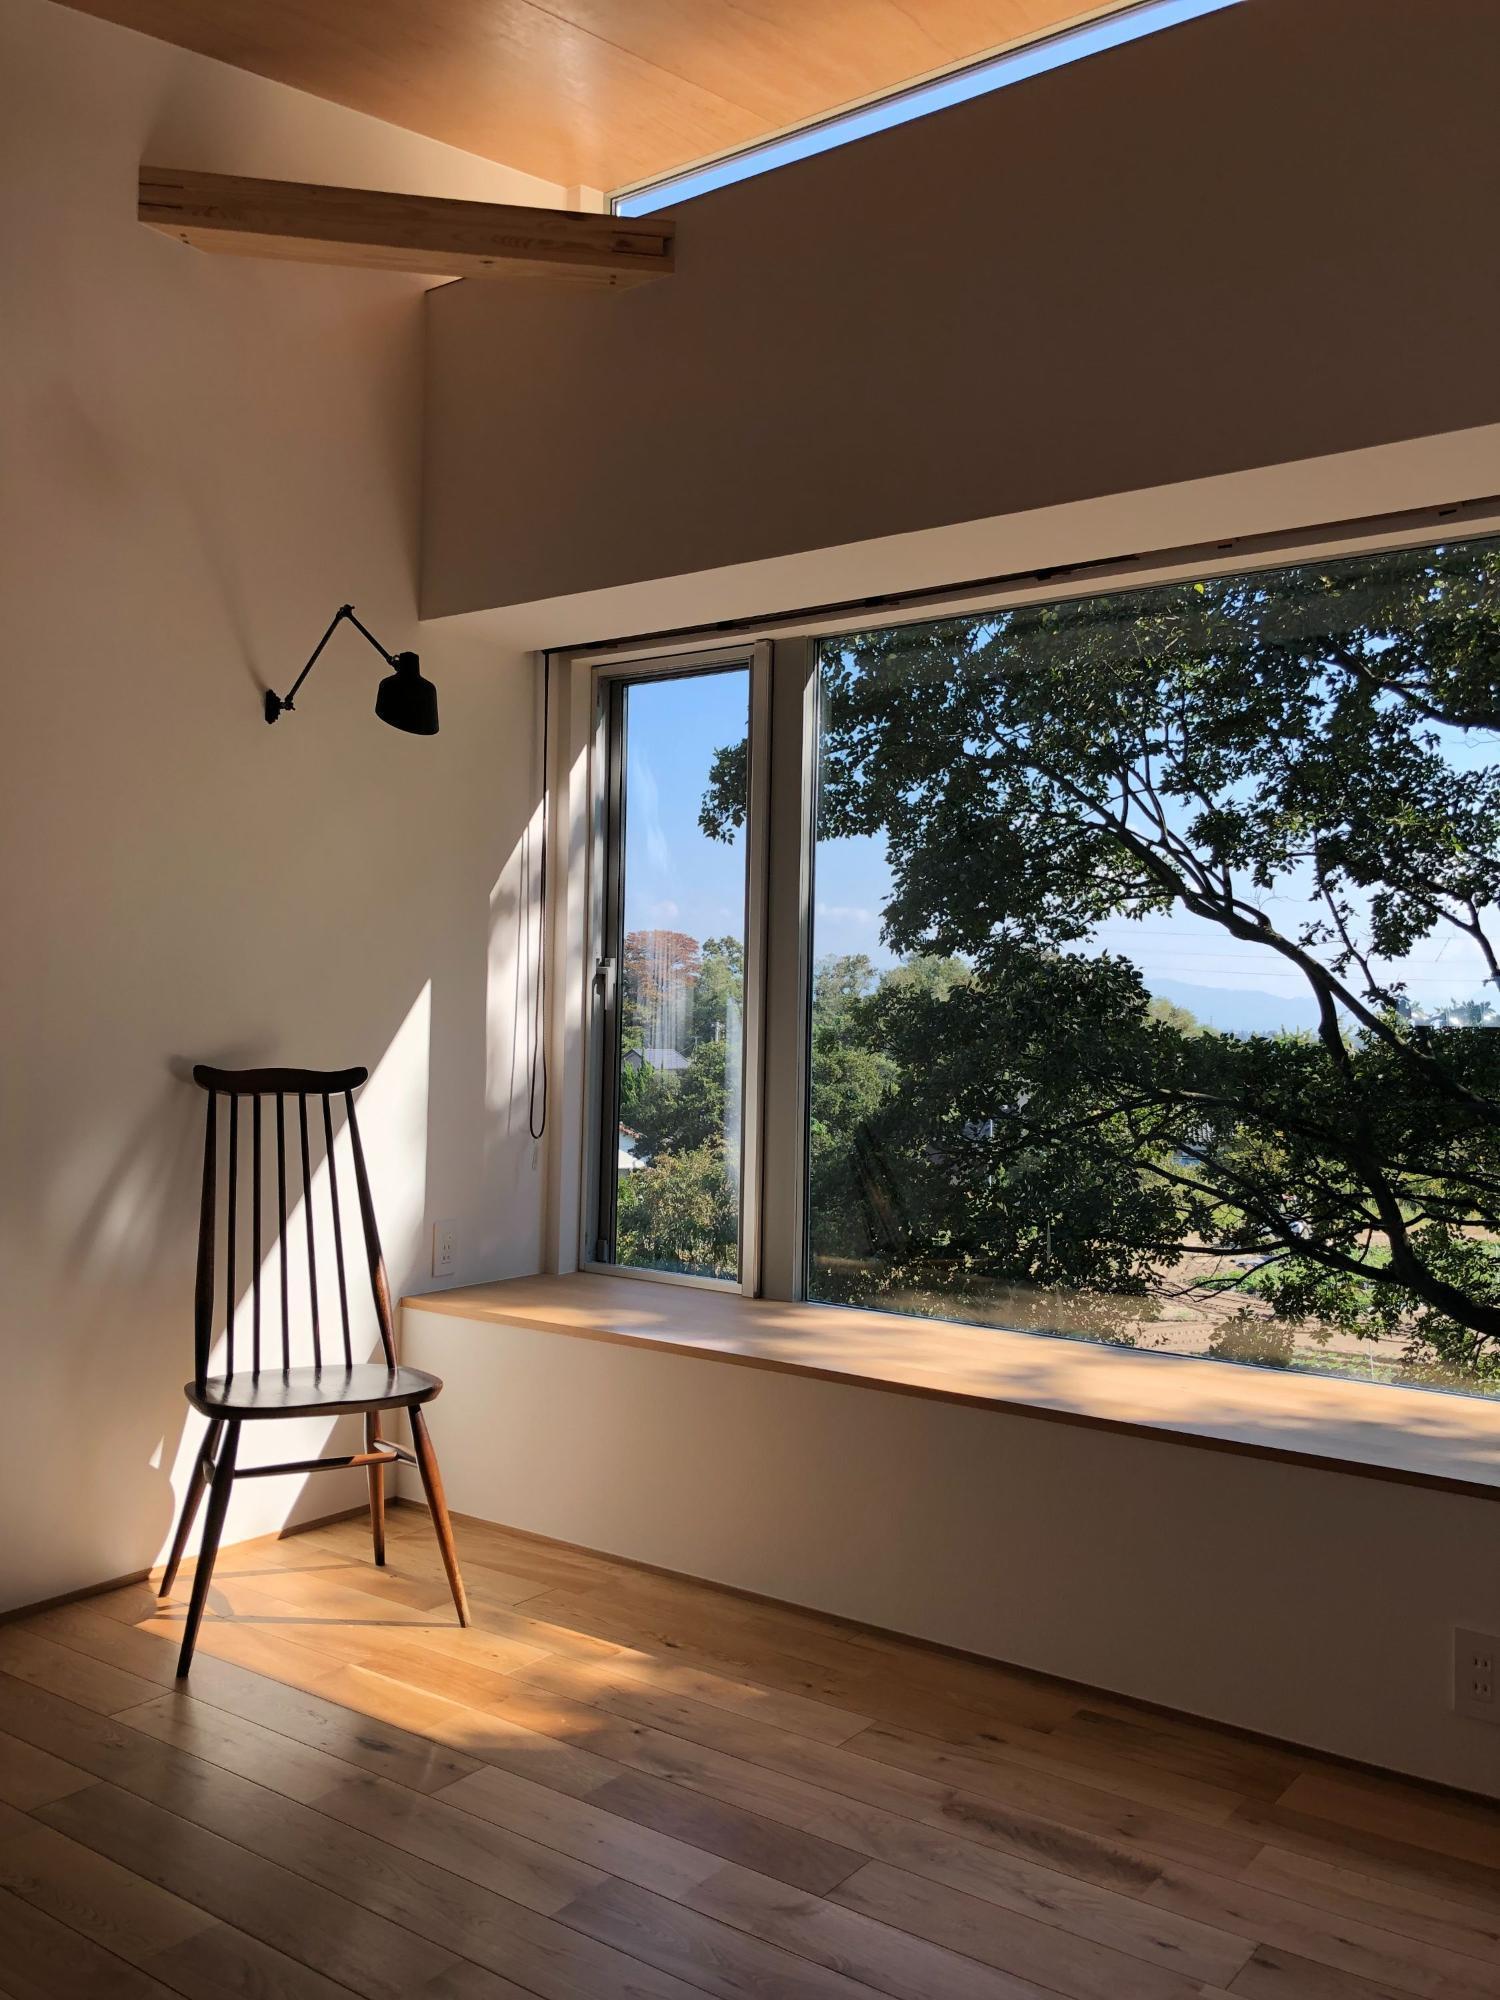 株式会社あかがわ建築設計室「雄景の家」のシンプル・ナチュラル・モダン・自然素材なリビング・ダイニングの実例写真